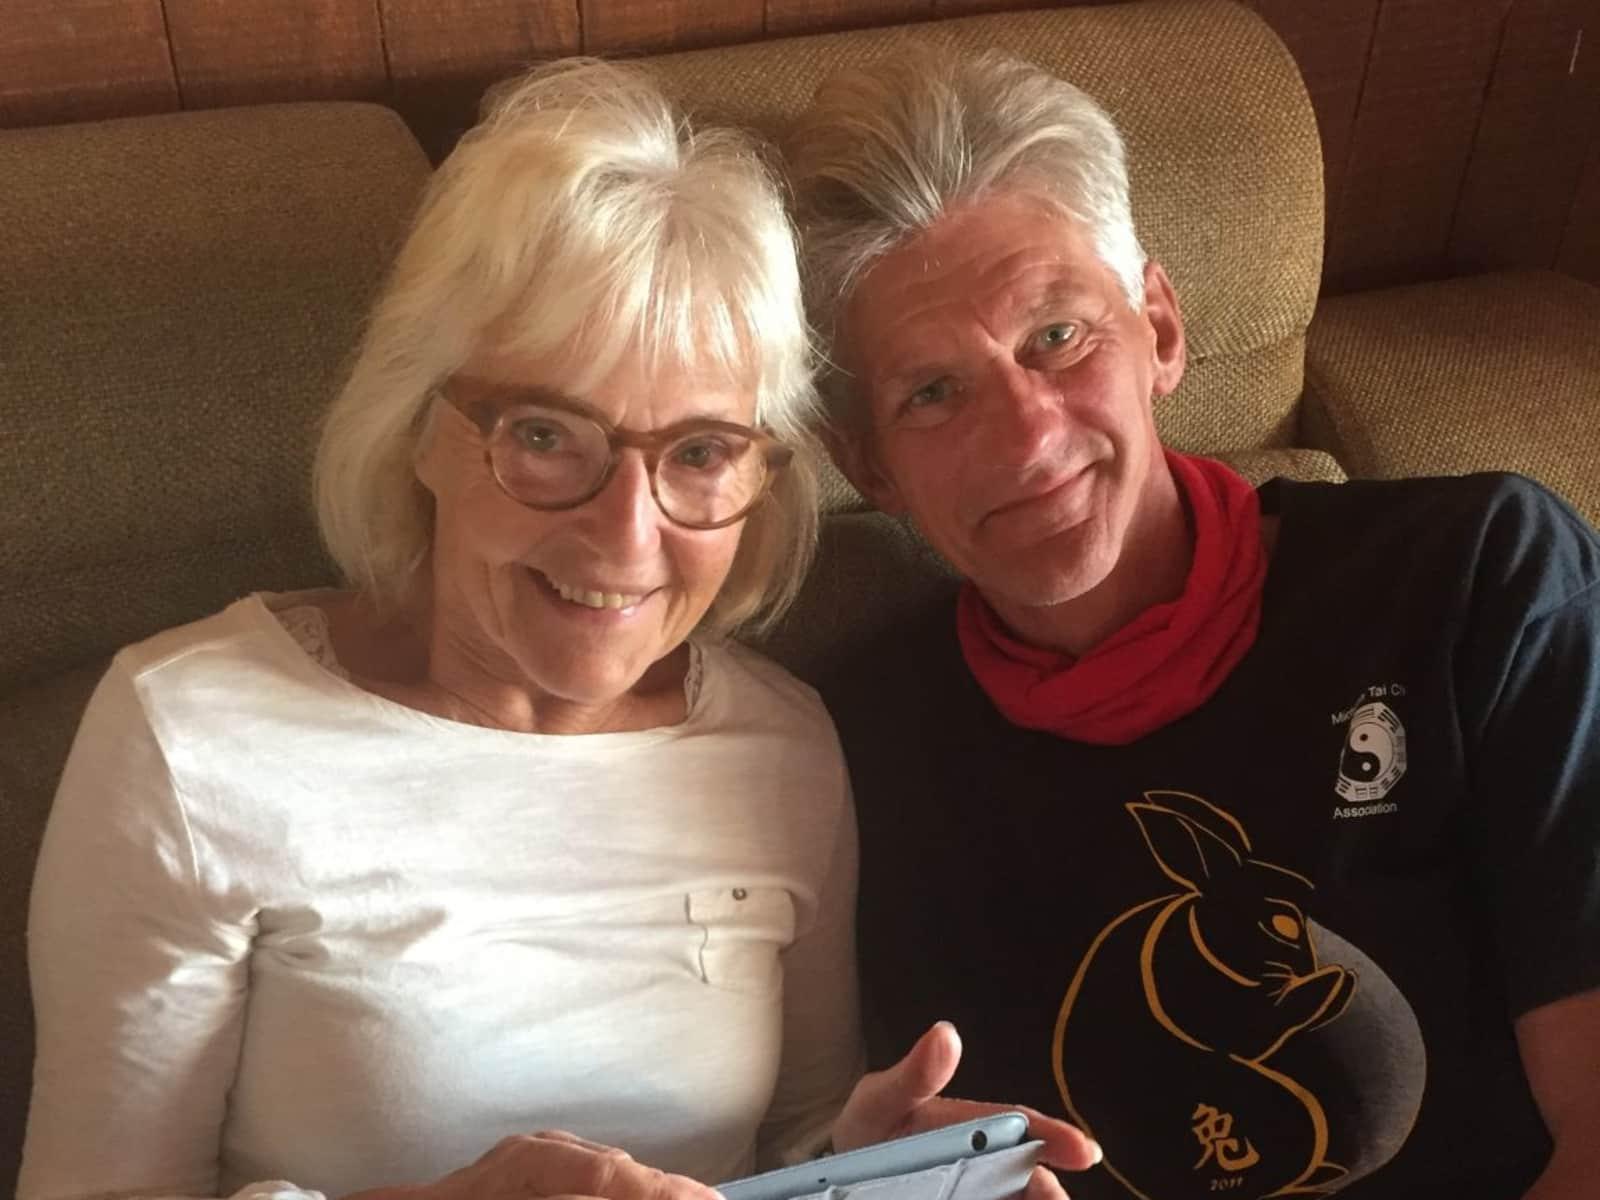 Maarten & Elizabeth from Voorburg, Netherlands